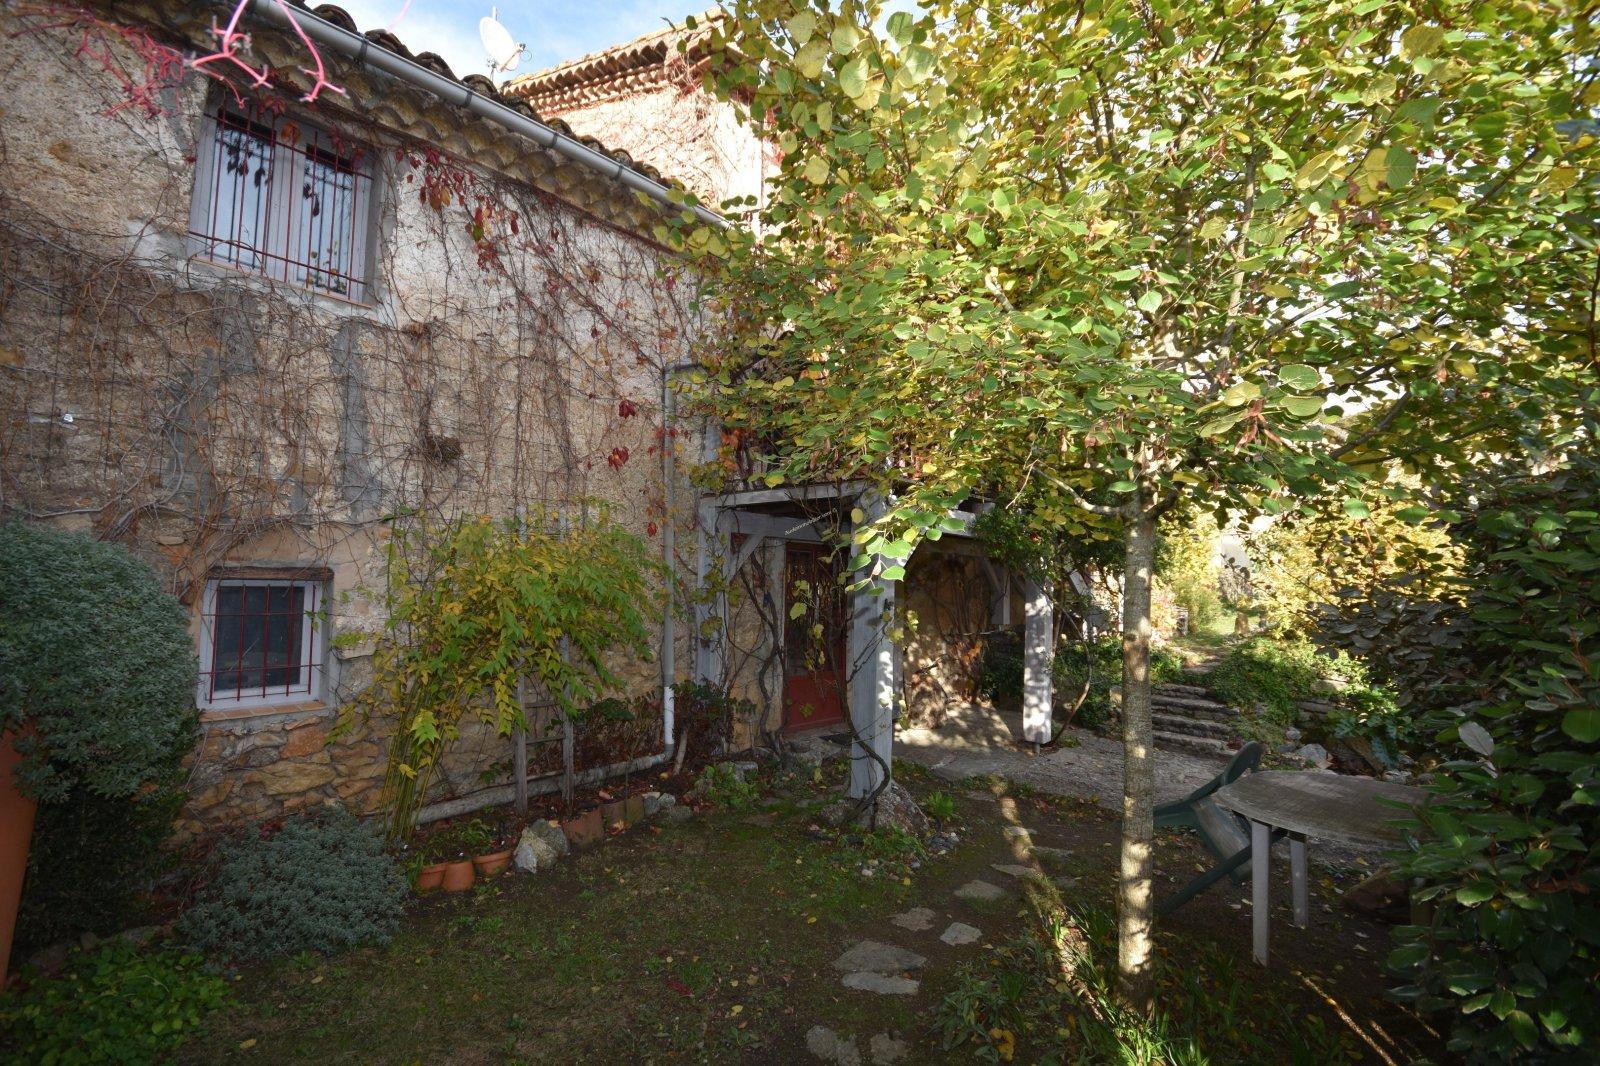 Vente Maison De Village En Pierres Avec Jardin | Aude concernant Vente Privée Jardin